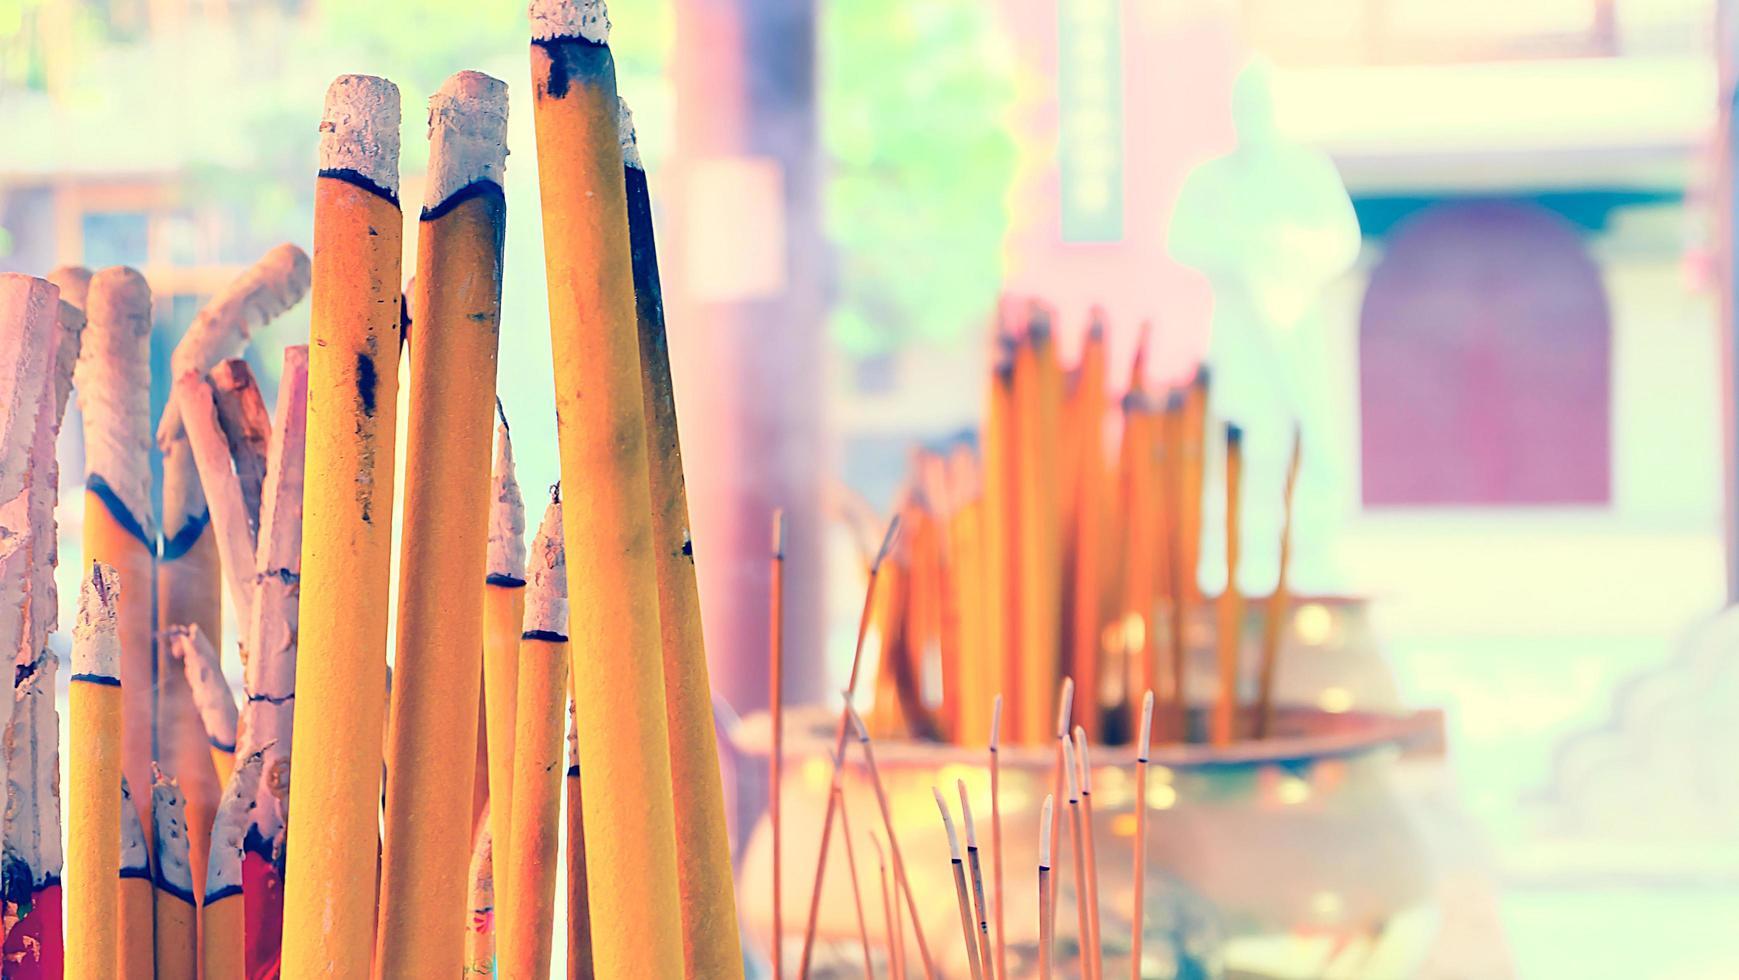 wierookstokjes roken in een tempel in hong kong. horizontaal schot foto